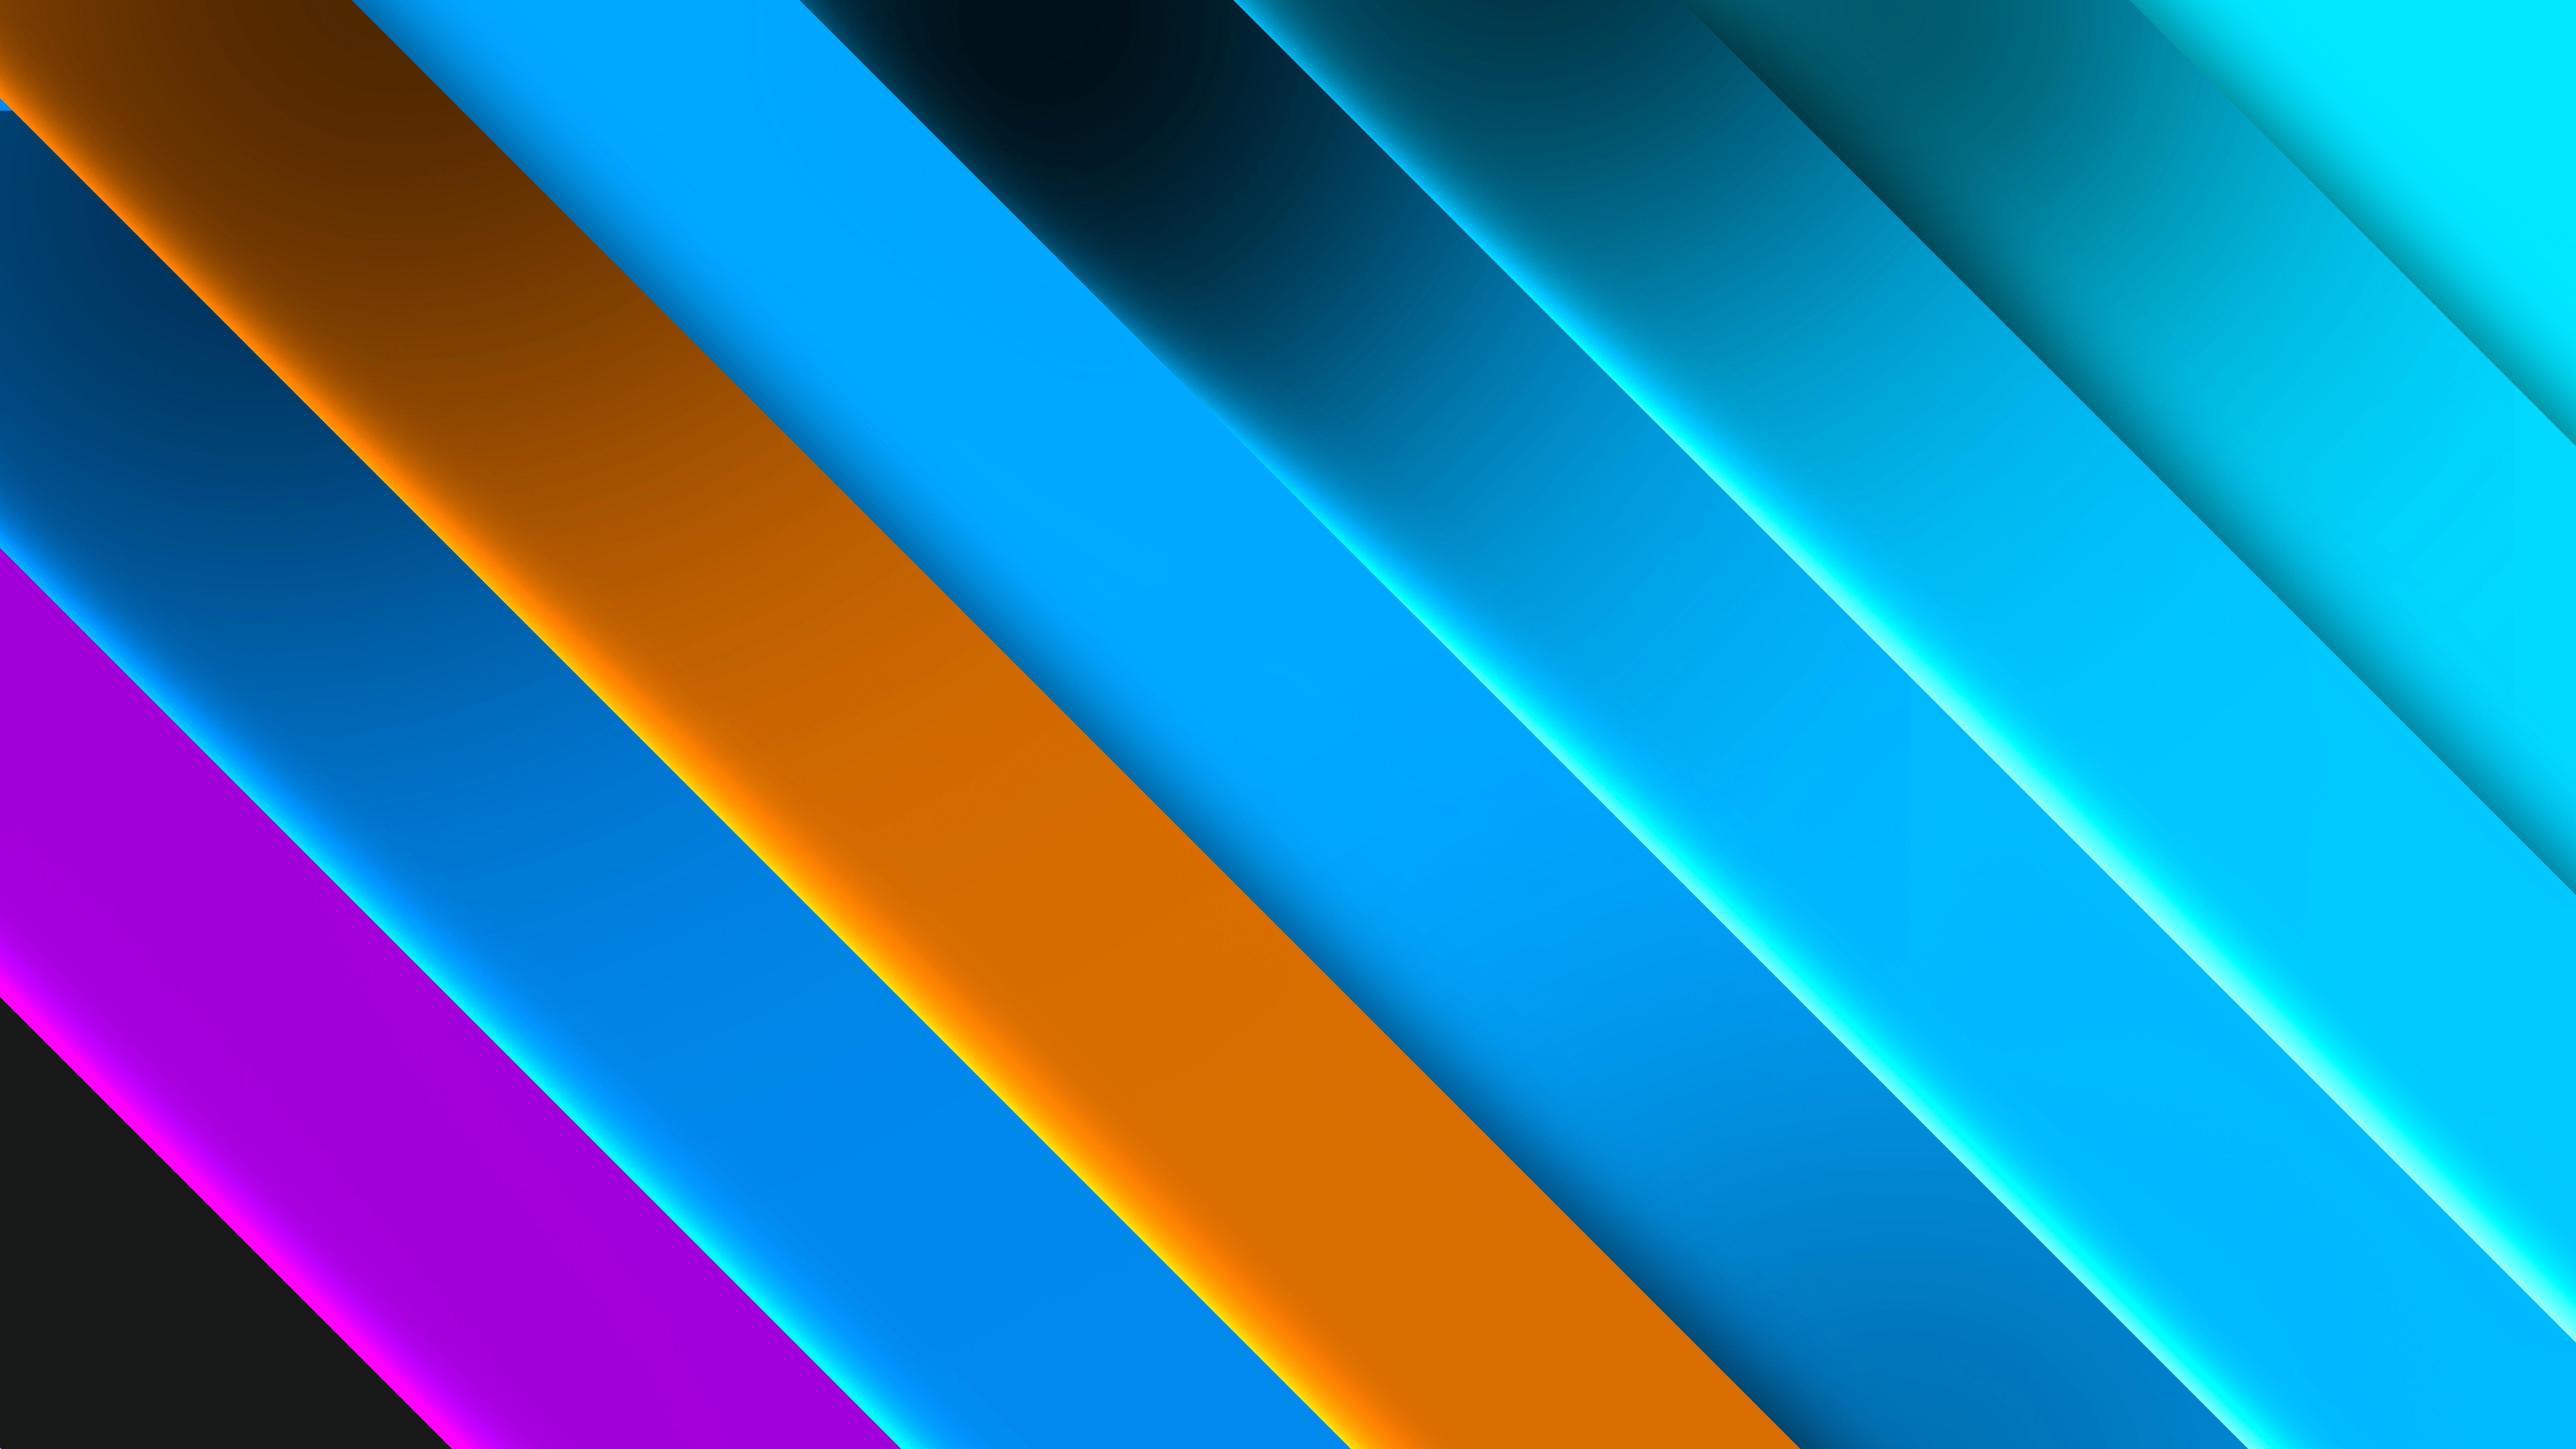 Fondos de pantalla Paleta de colores azules